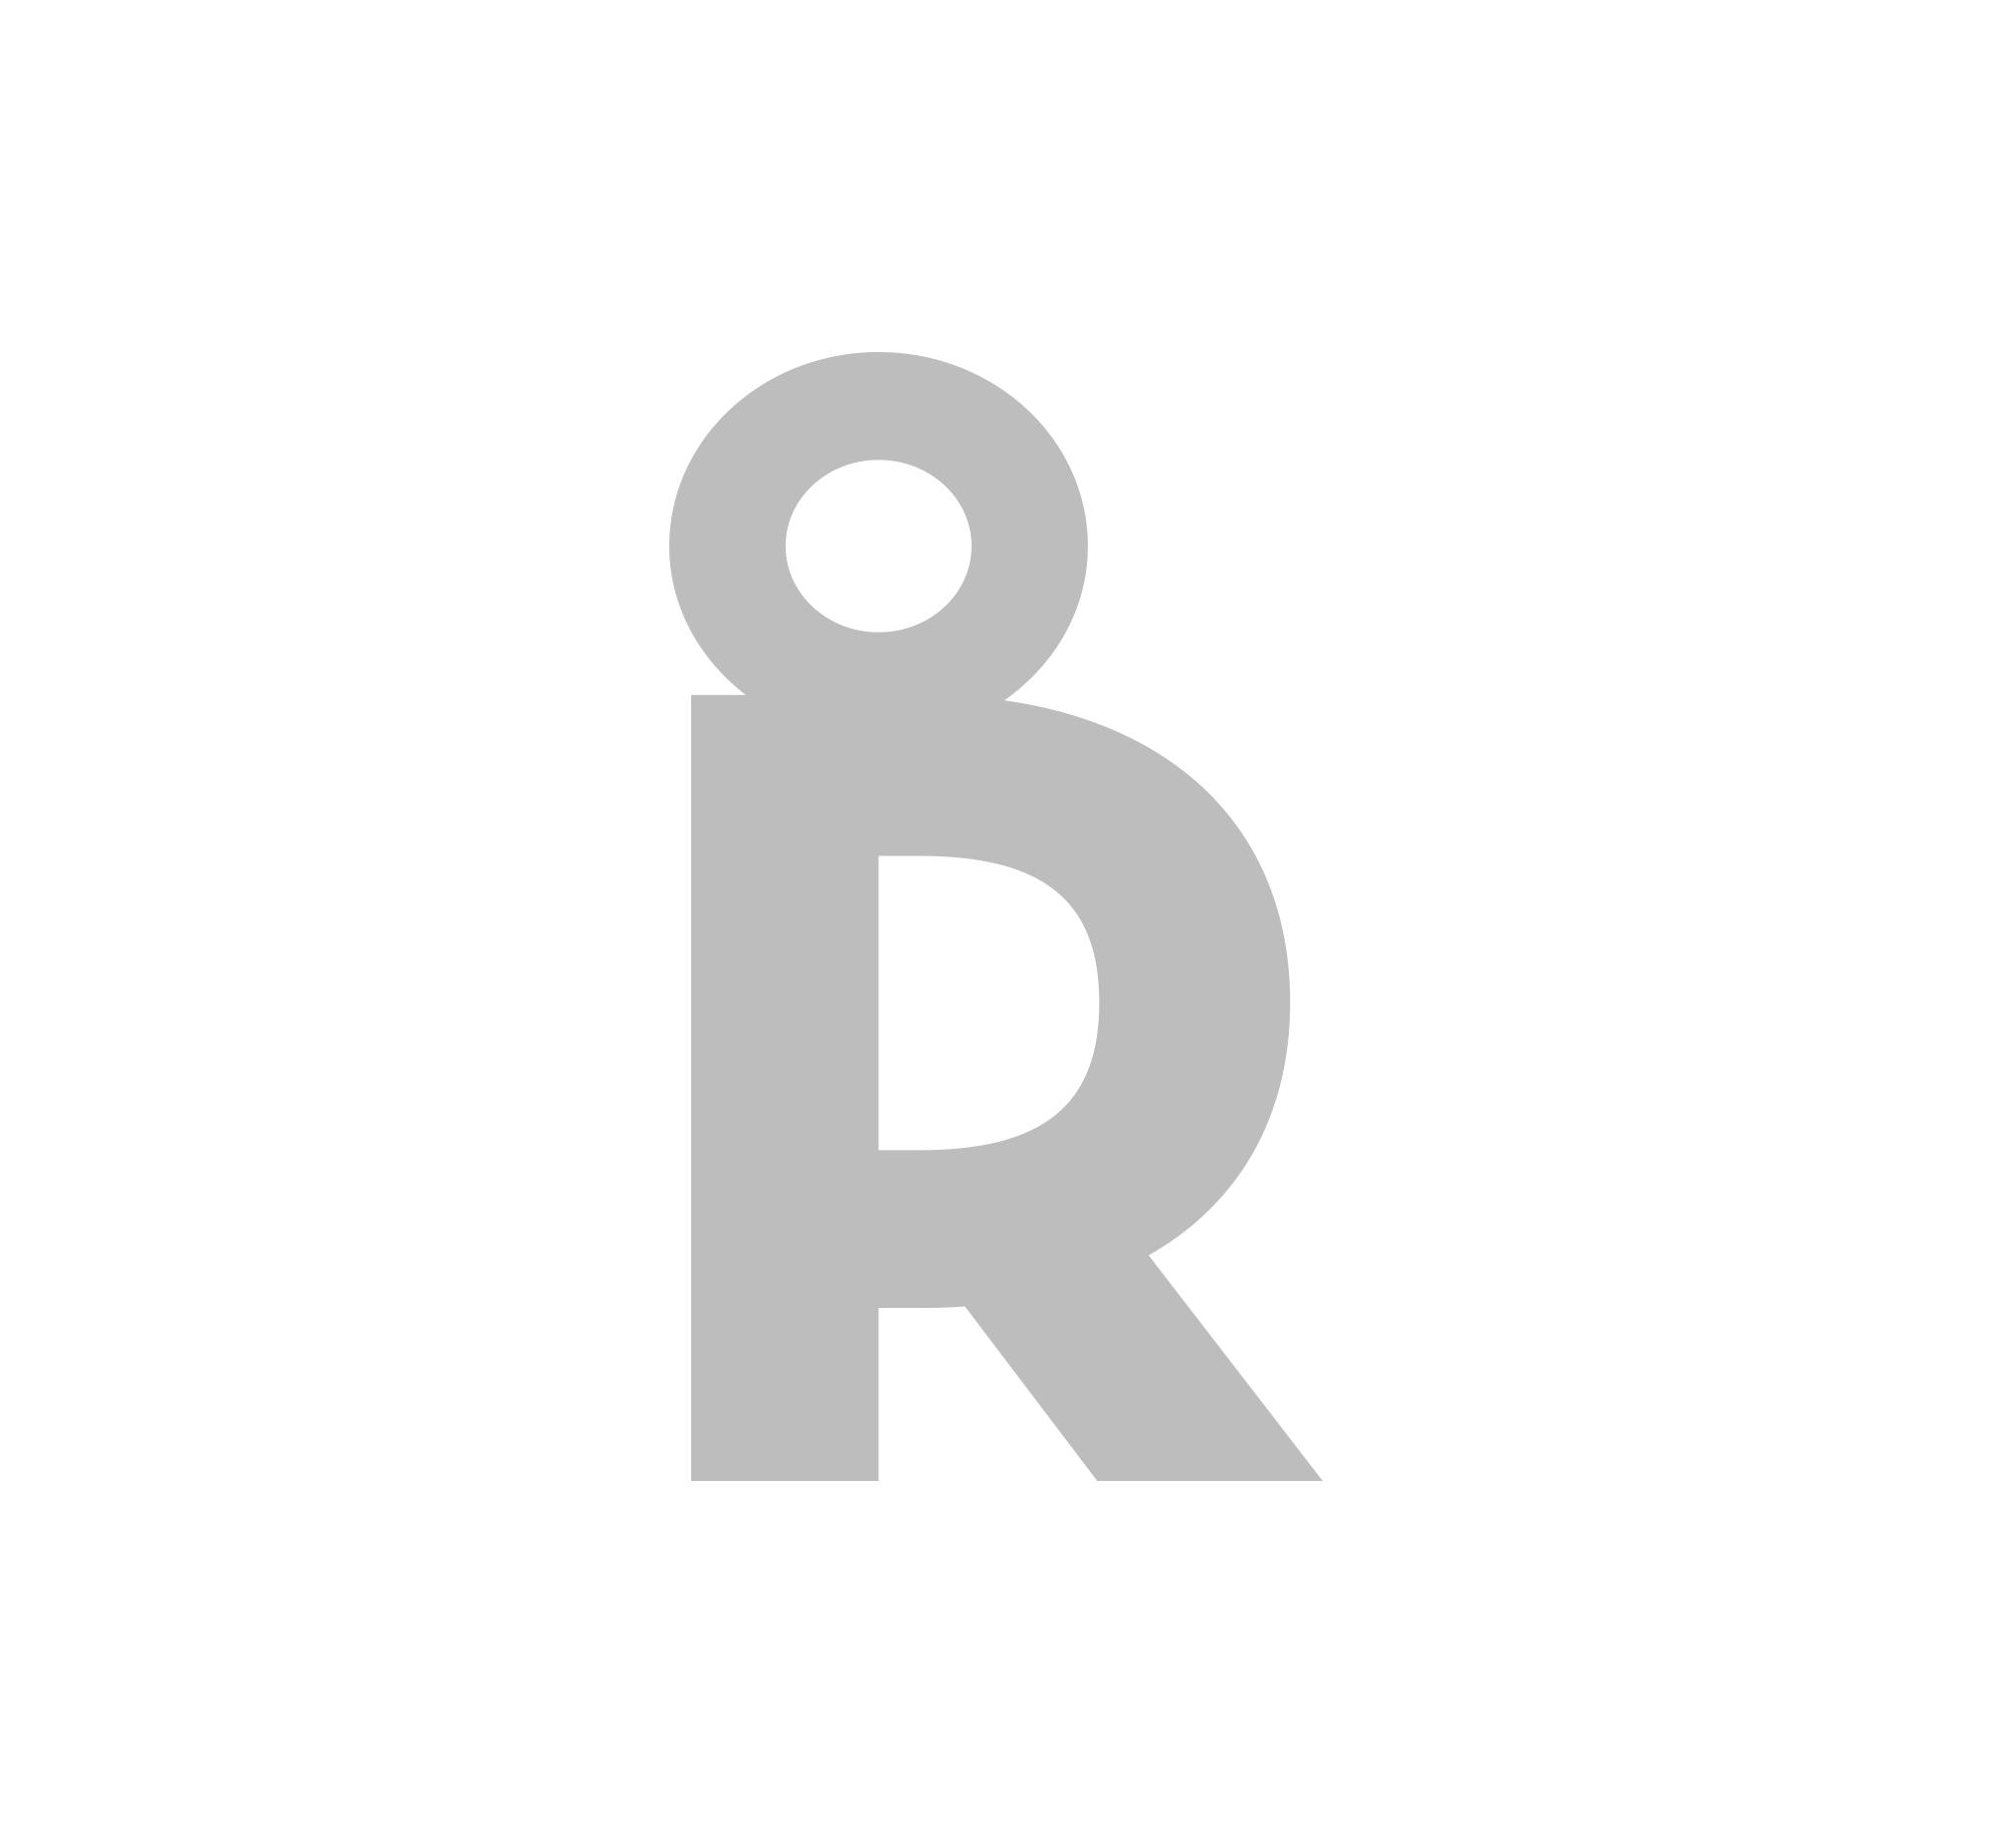 chaingang_TAS_R-s